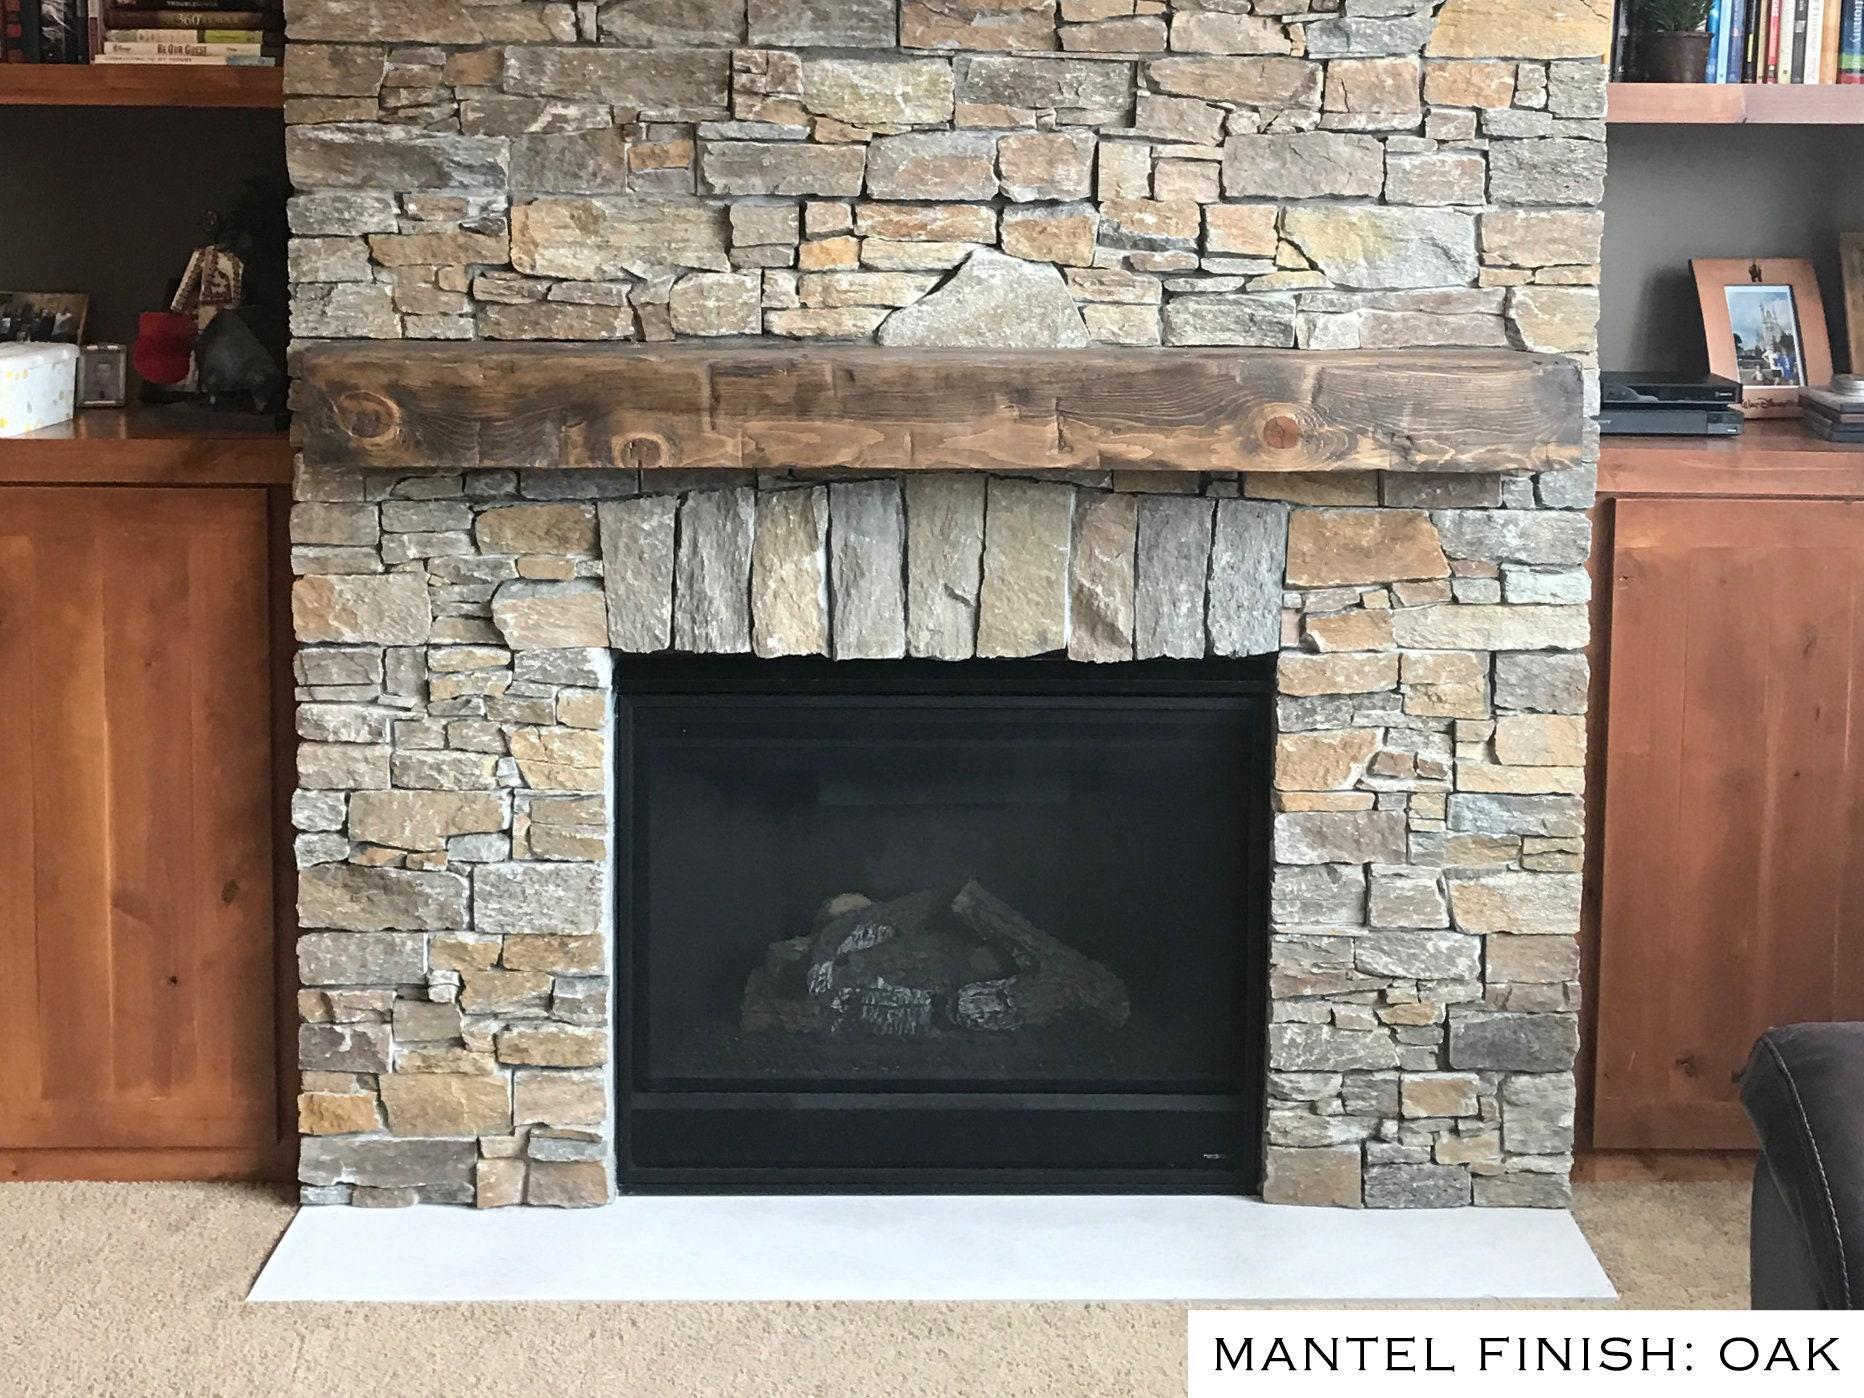 Remarkable Barn Beam Mantel 6 X 8 Wooden Mantel Fireplace Mantel Fireplace Mantle Wooden Mantel Rustic Wood Mantel Barn Beam Mantel Download Free Architecture Designs Terstmadebymaigaardcom